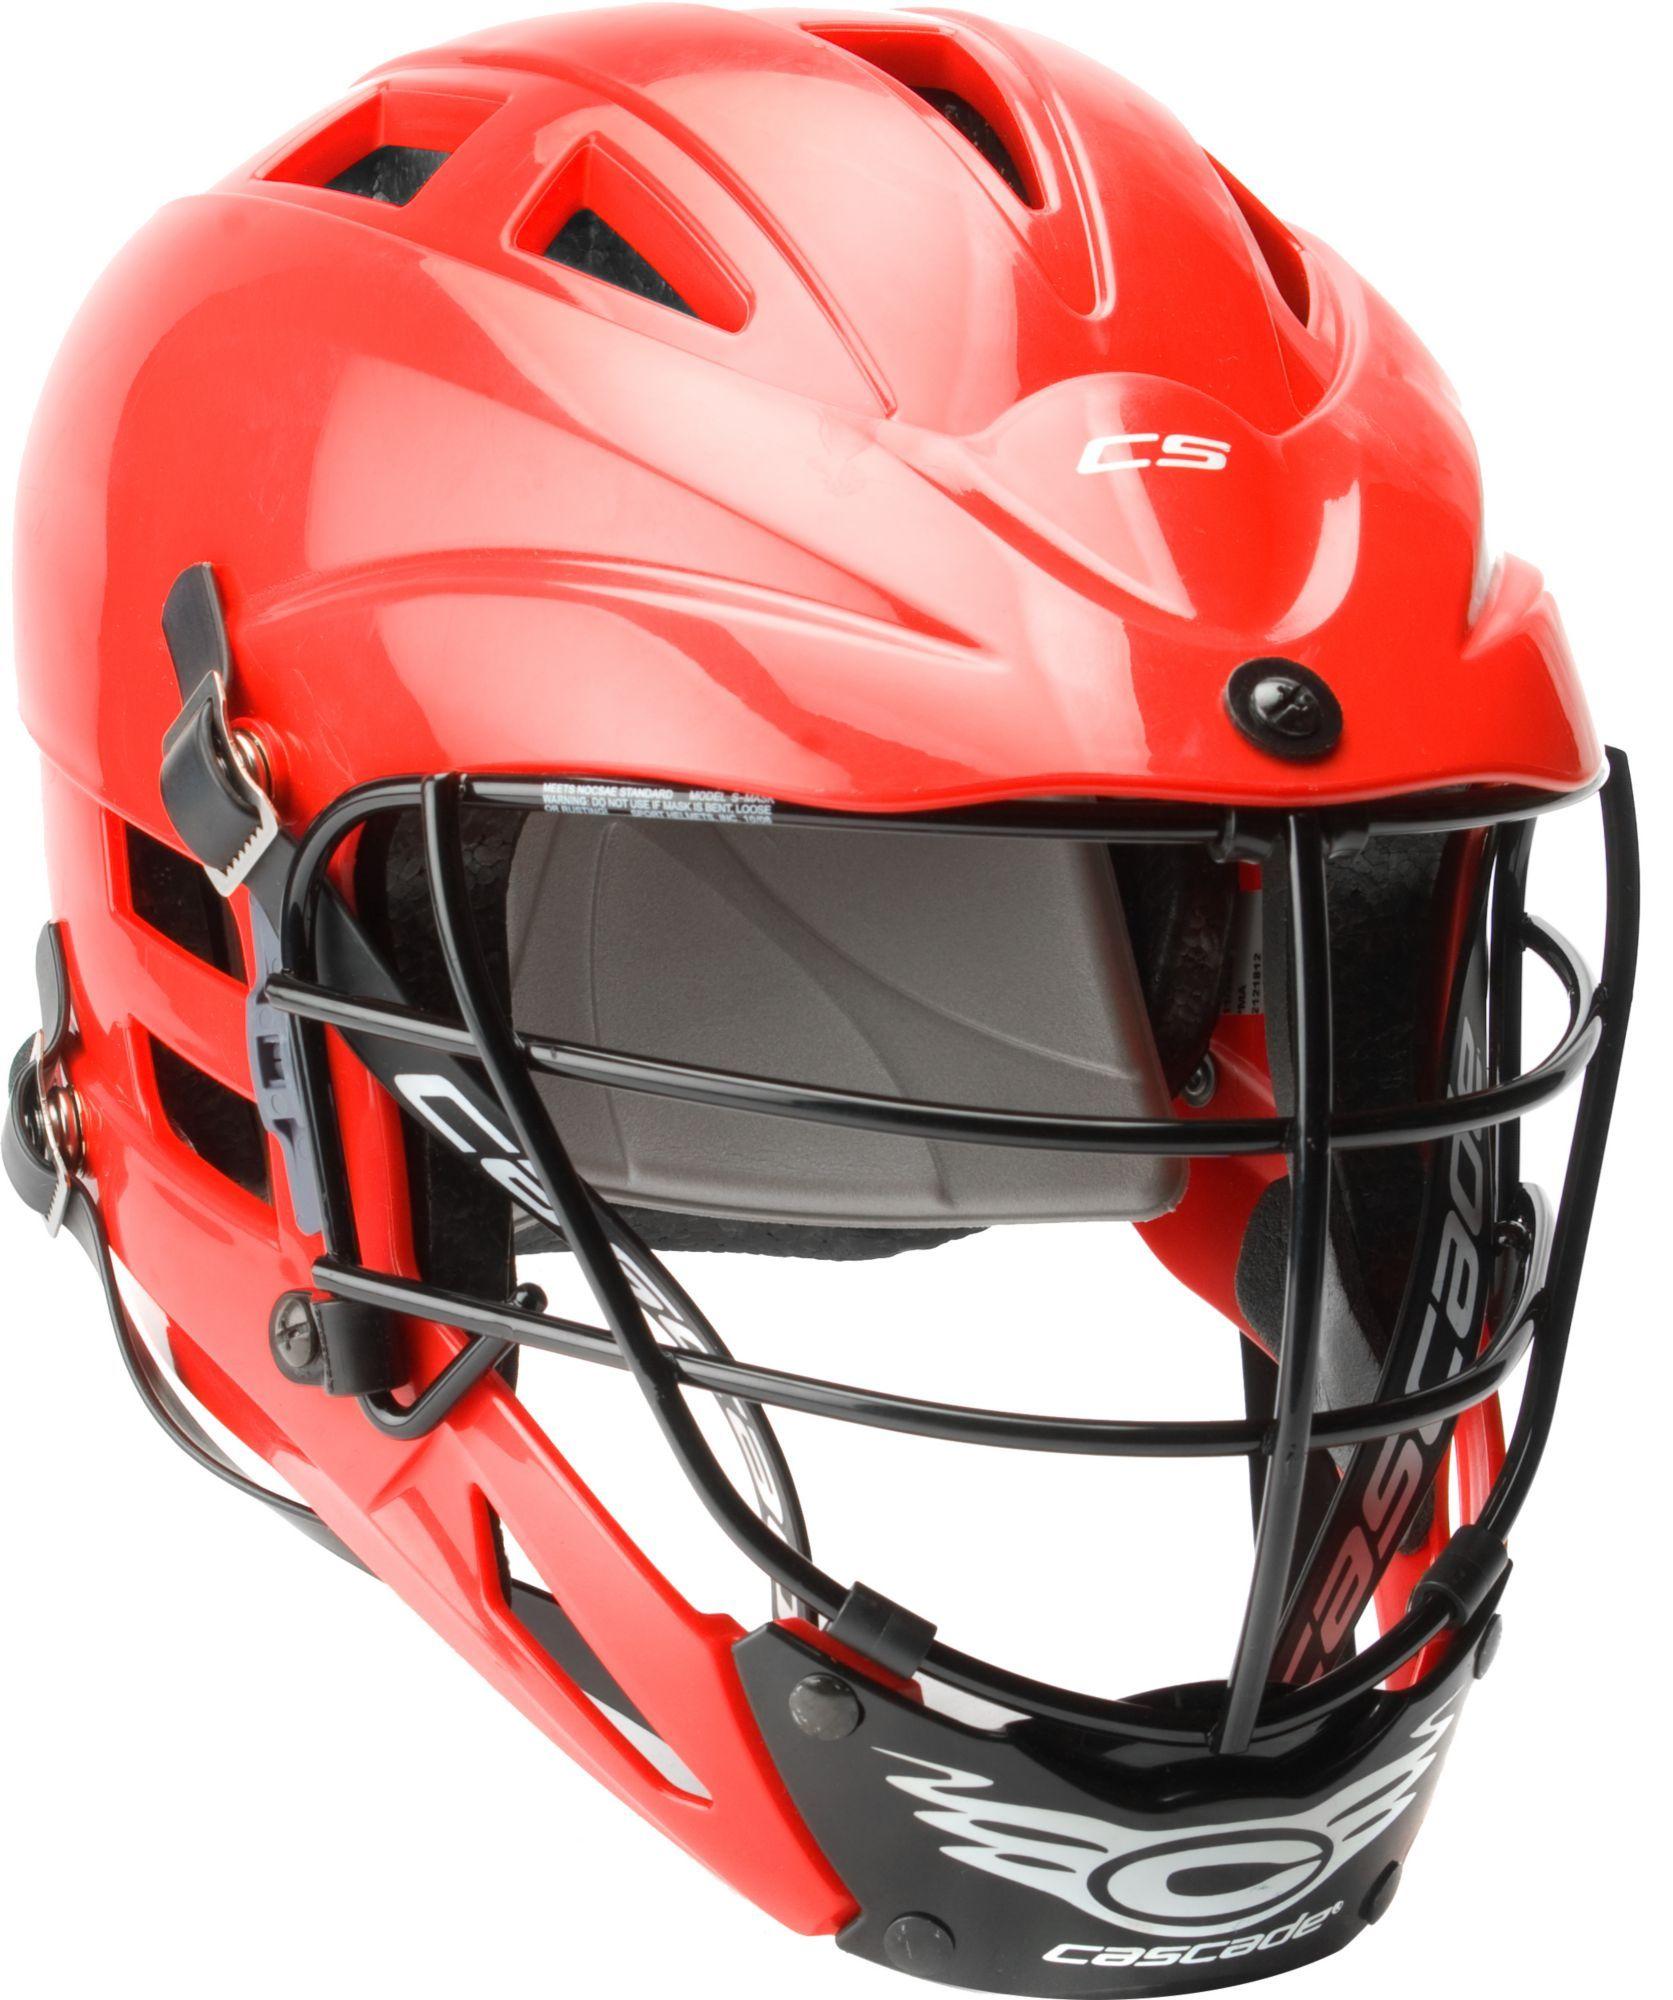 Cascade youth cs lacrosse helmet w black mask red